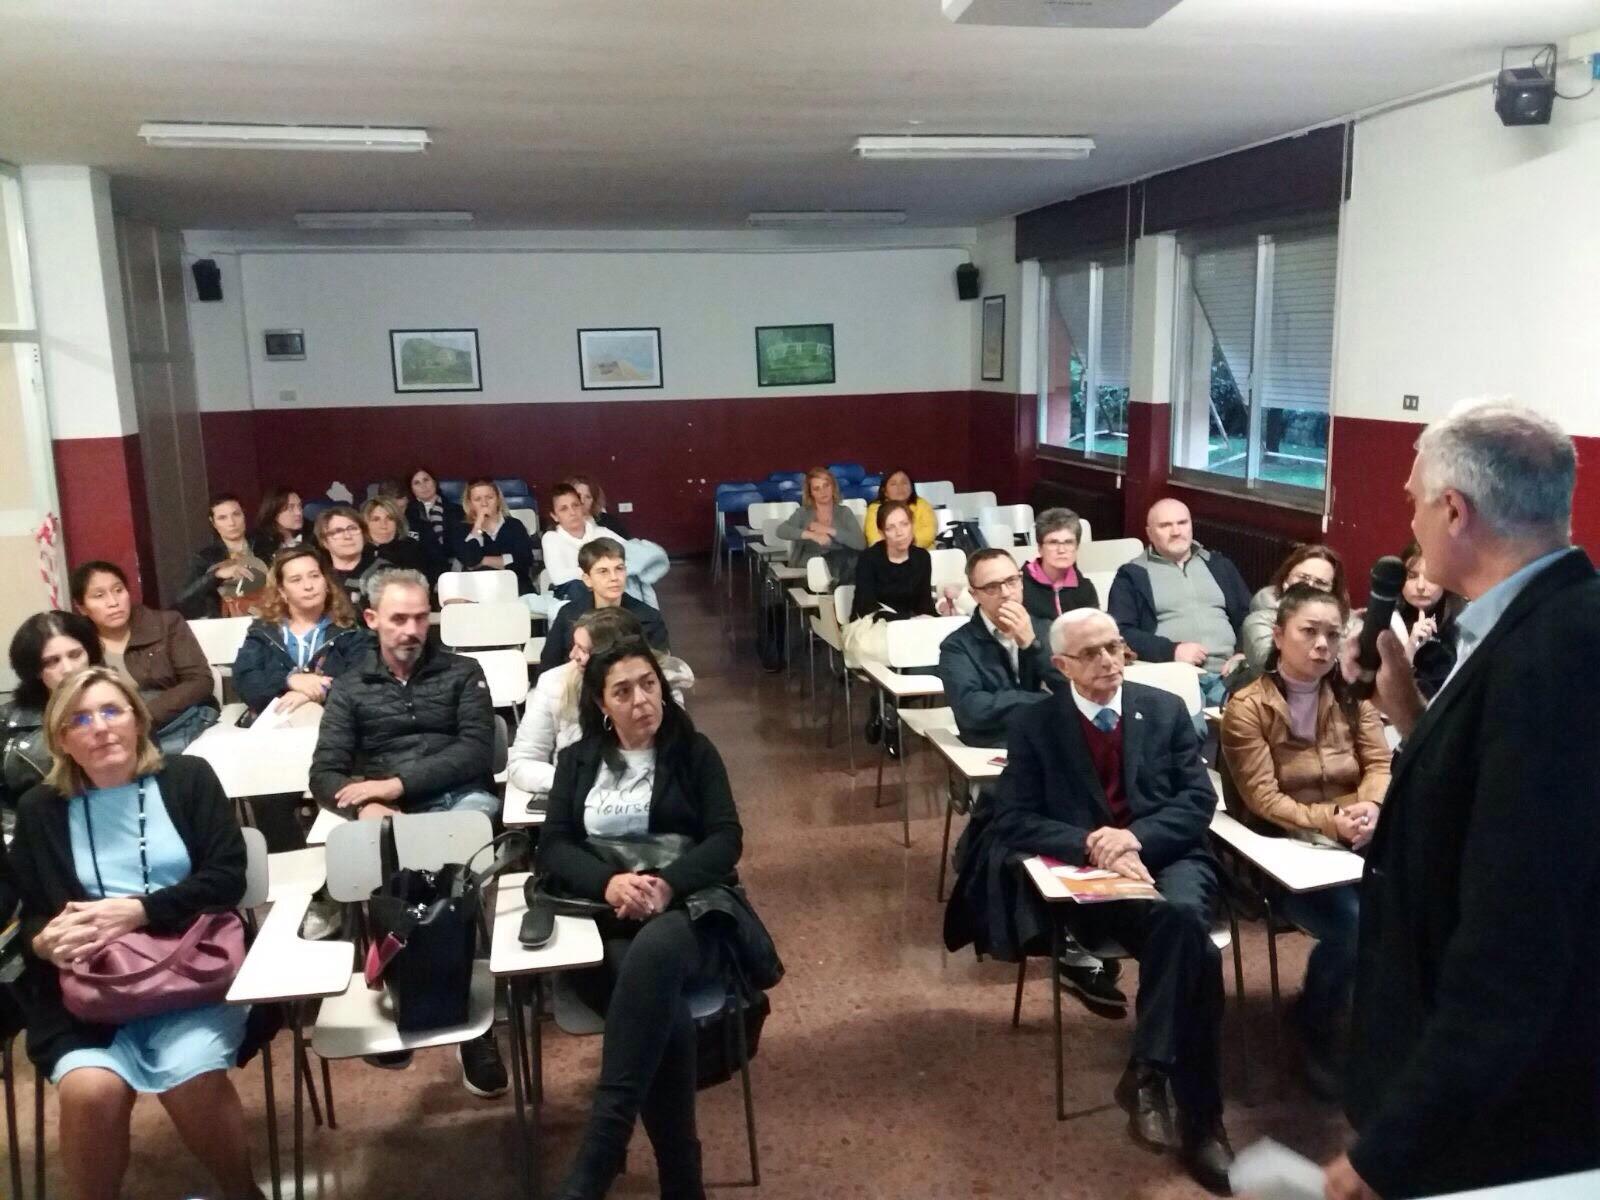 Positivo incontro alla scuola Margherita Hack di San Donato